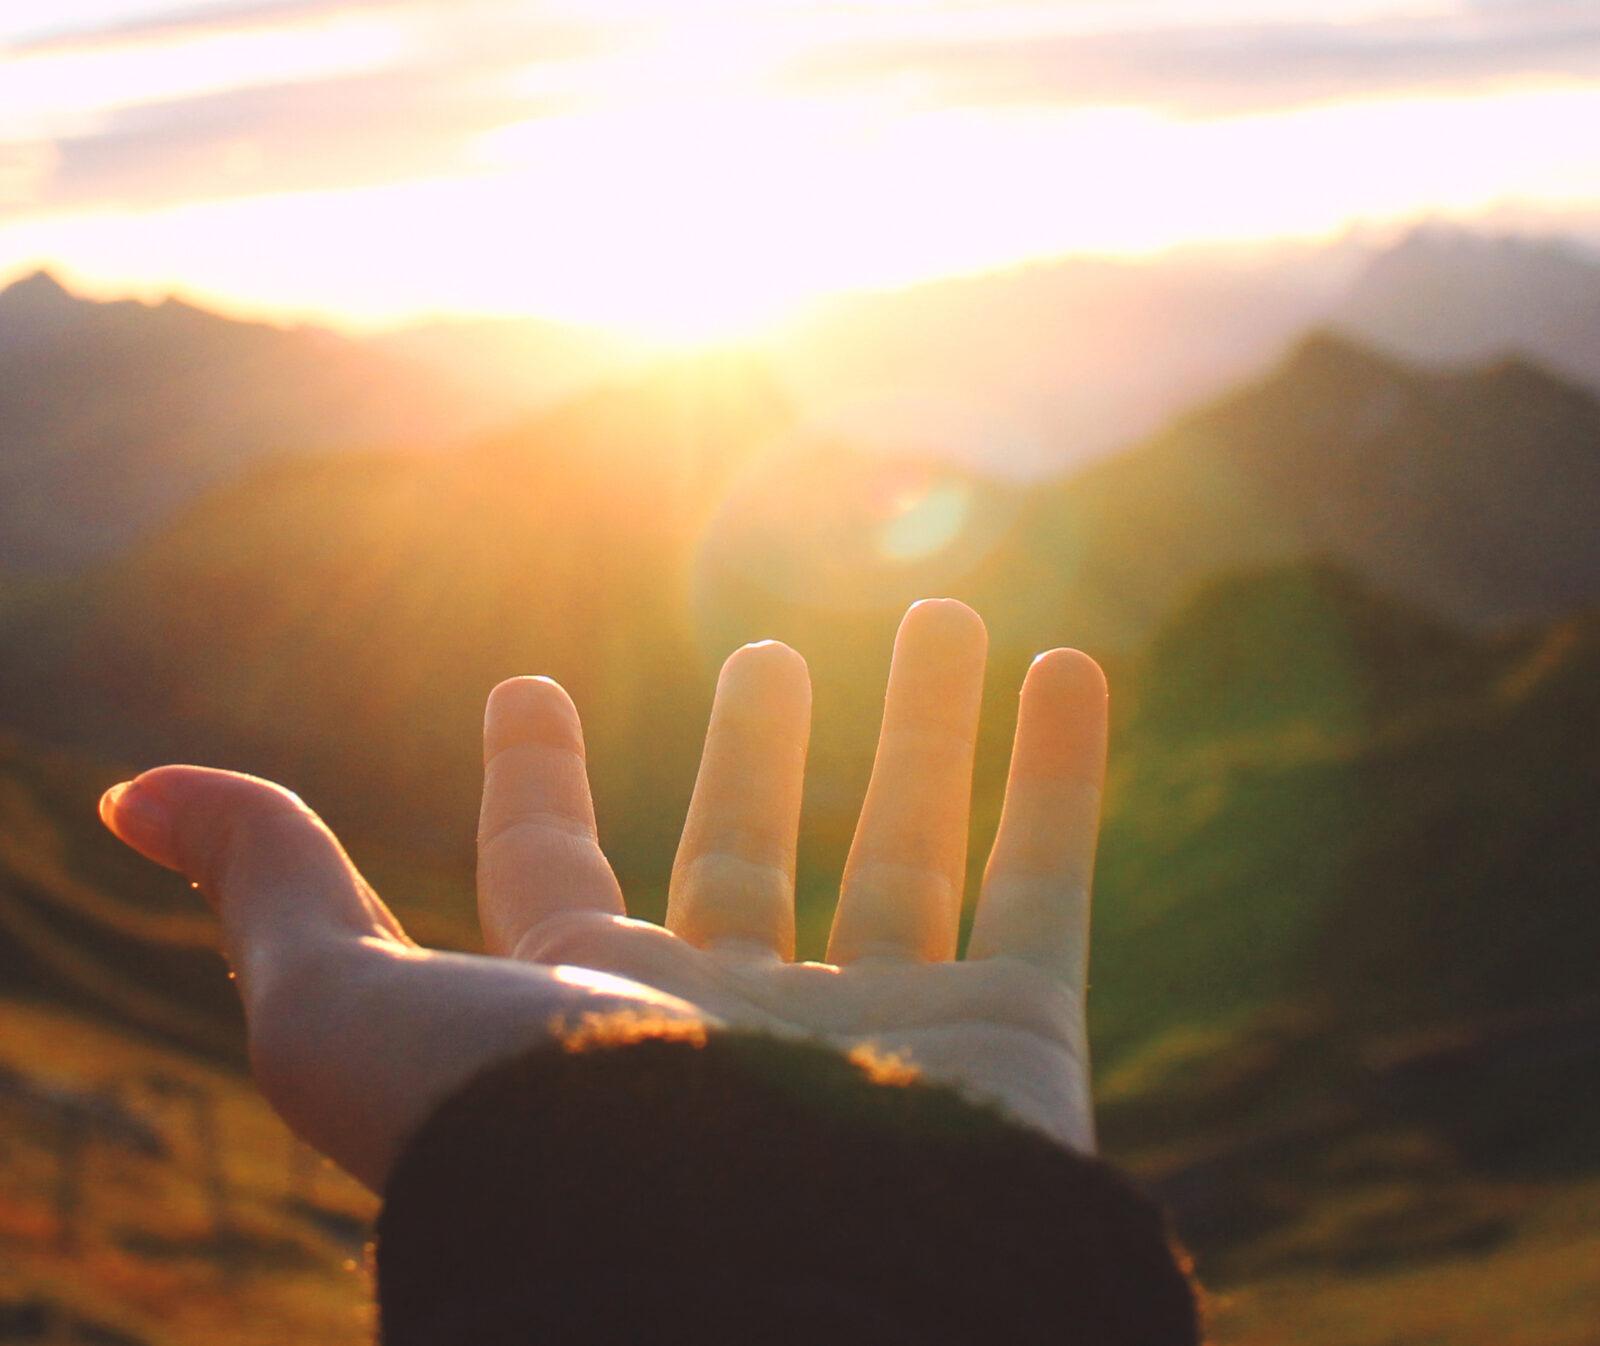 kväll,hand,berg,solnedgång